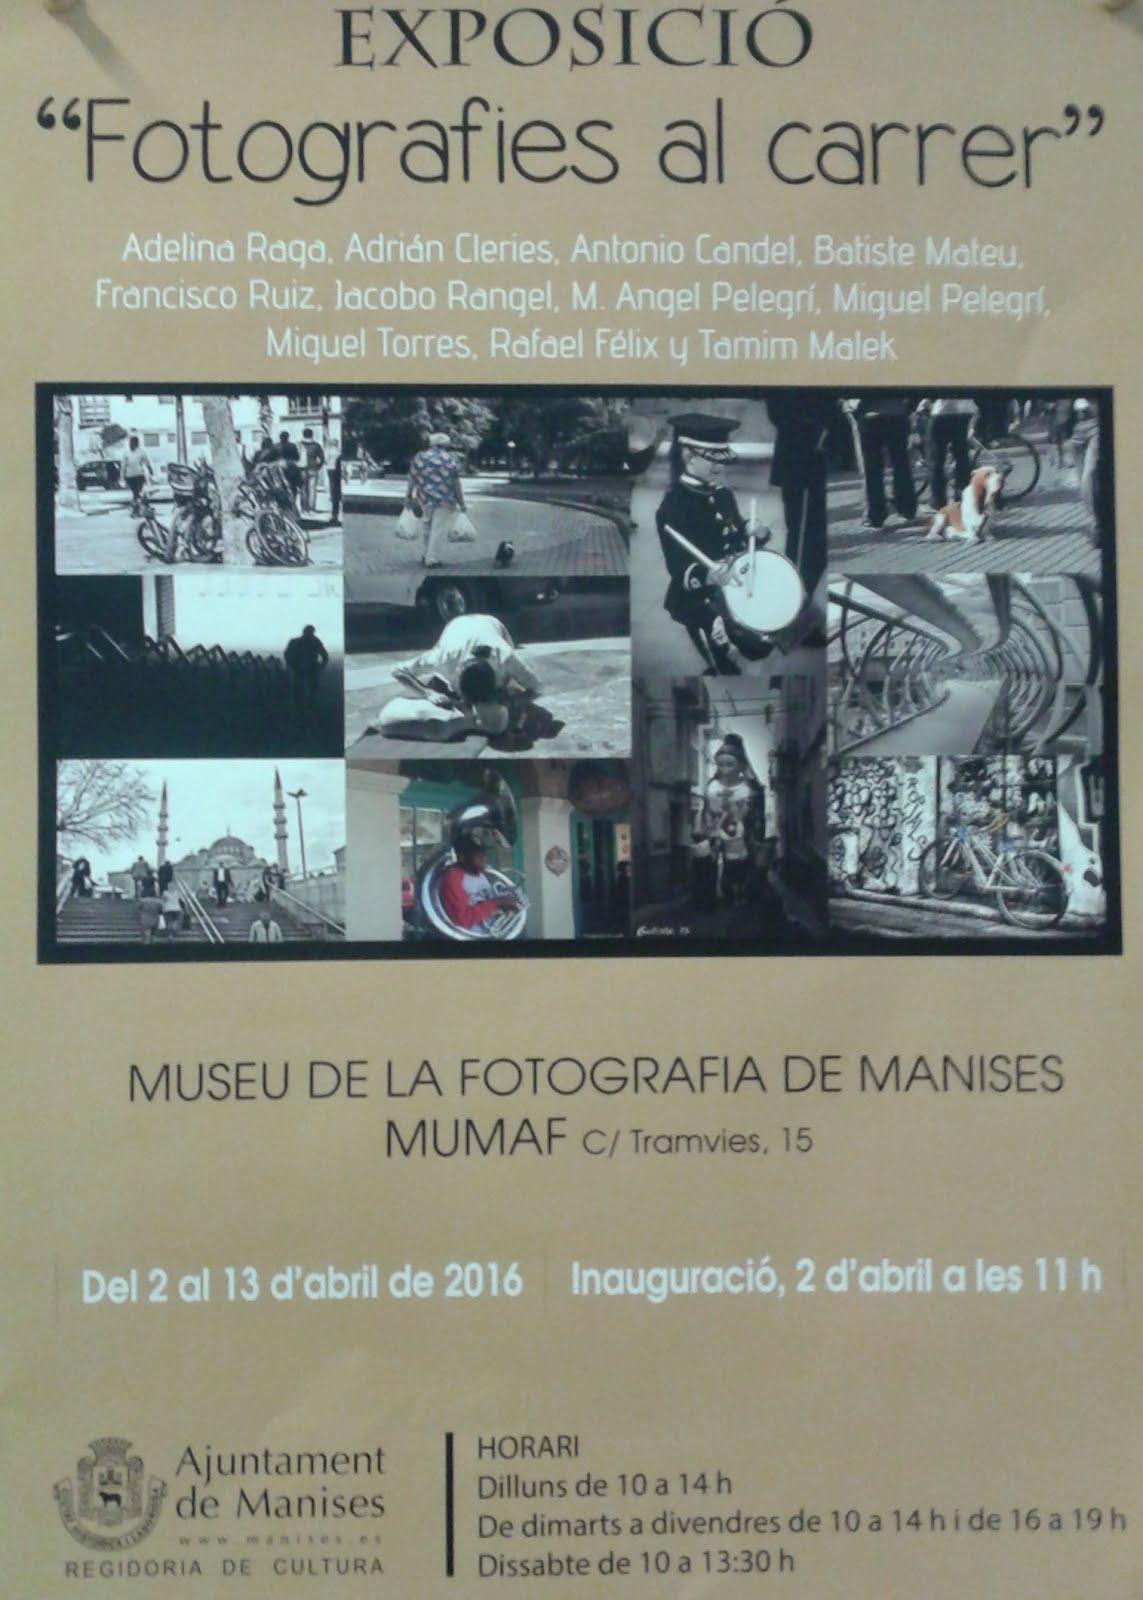 02.04.16 MUMAF, MUSEU DE LA FOTOGRAFÍA CARLOS SANCHIS GARCÍA, EXPOSICIÓN.